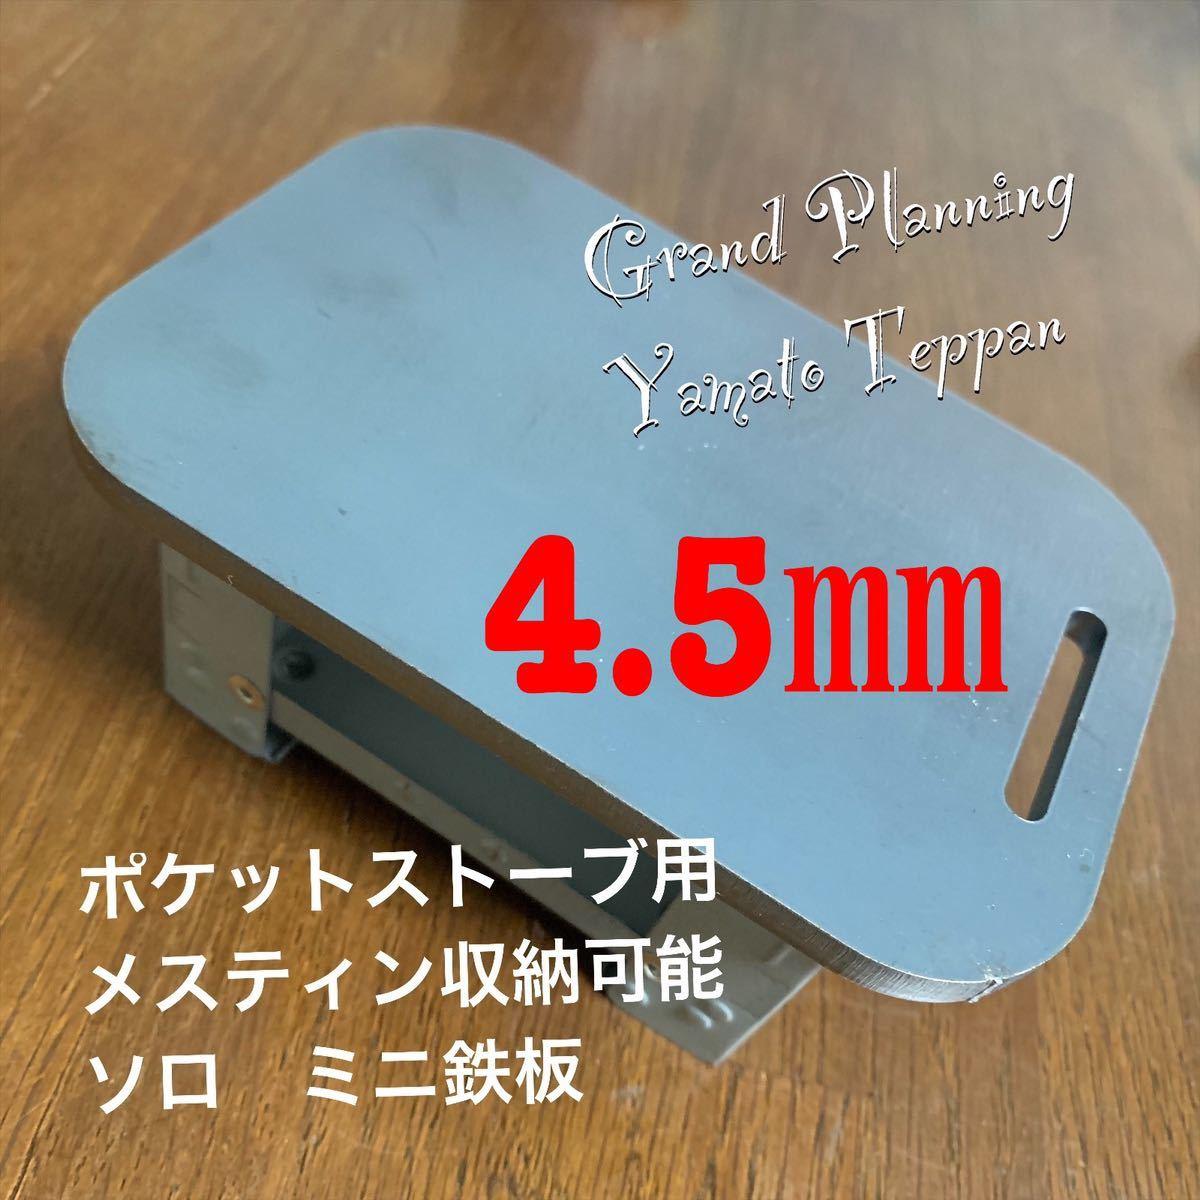 ポケットストーブ サイズ メスティン 収納サイズ 4.5ミリ 鉄板 鉄板のみ 在庫処分